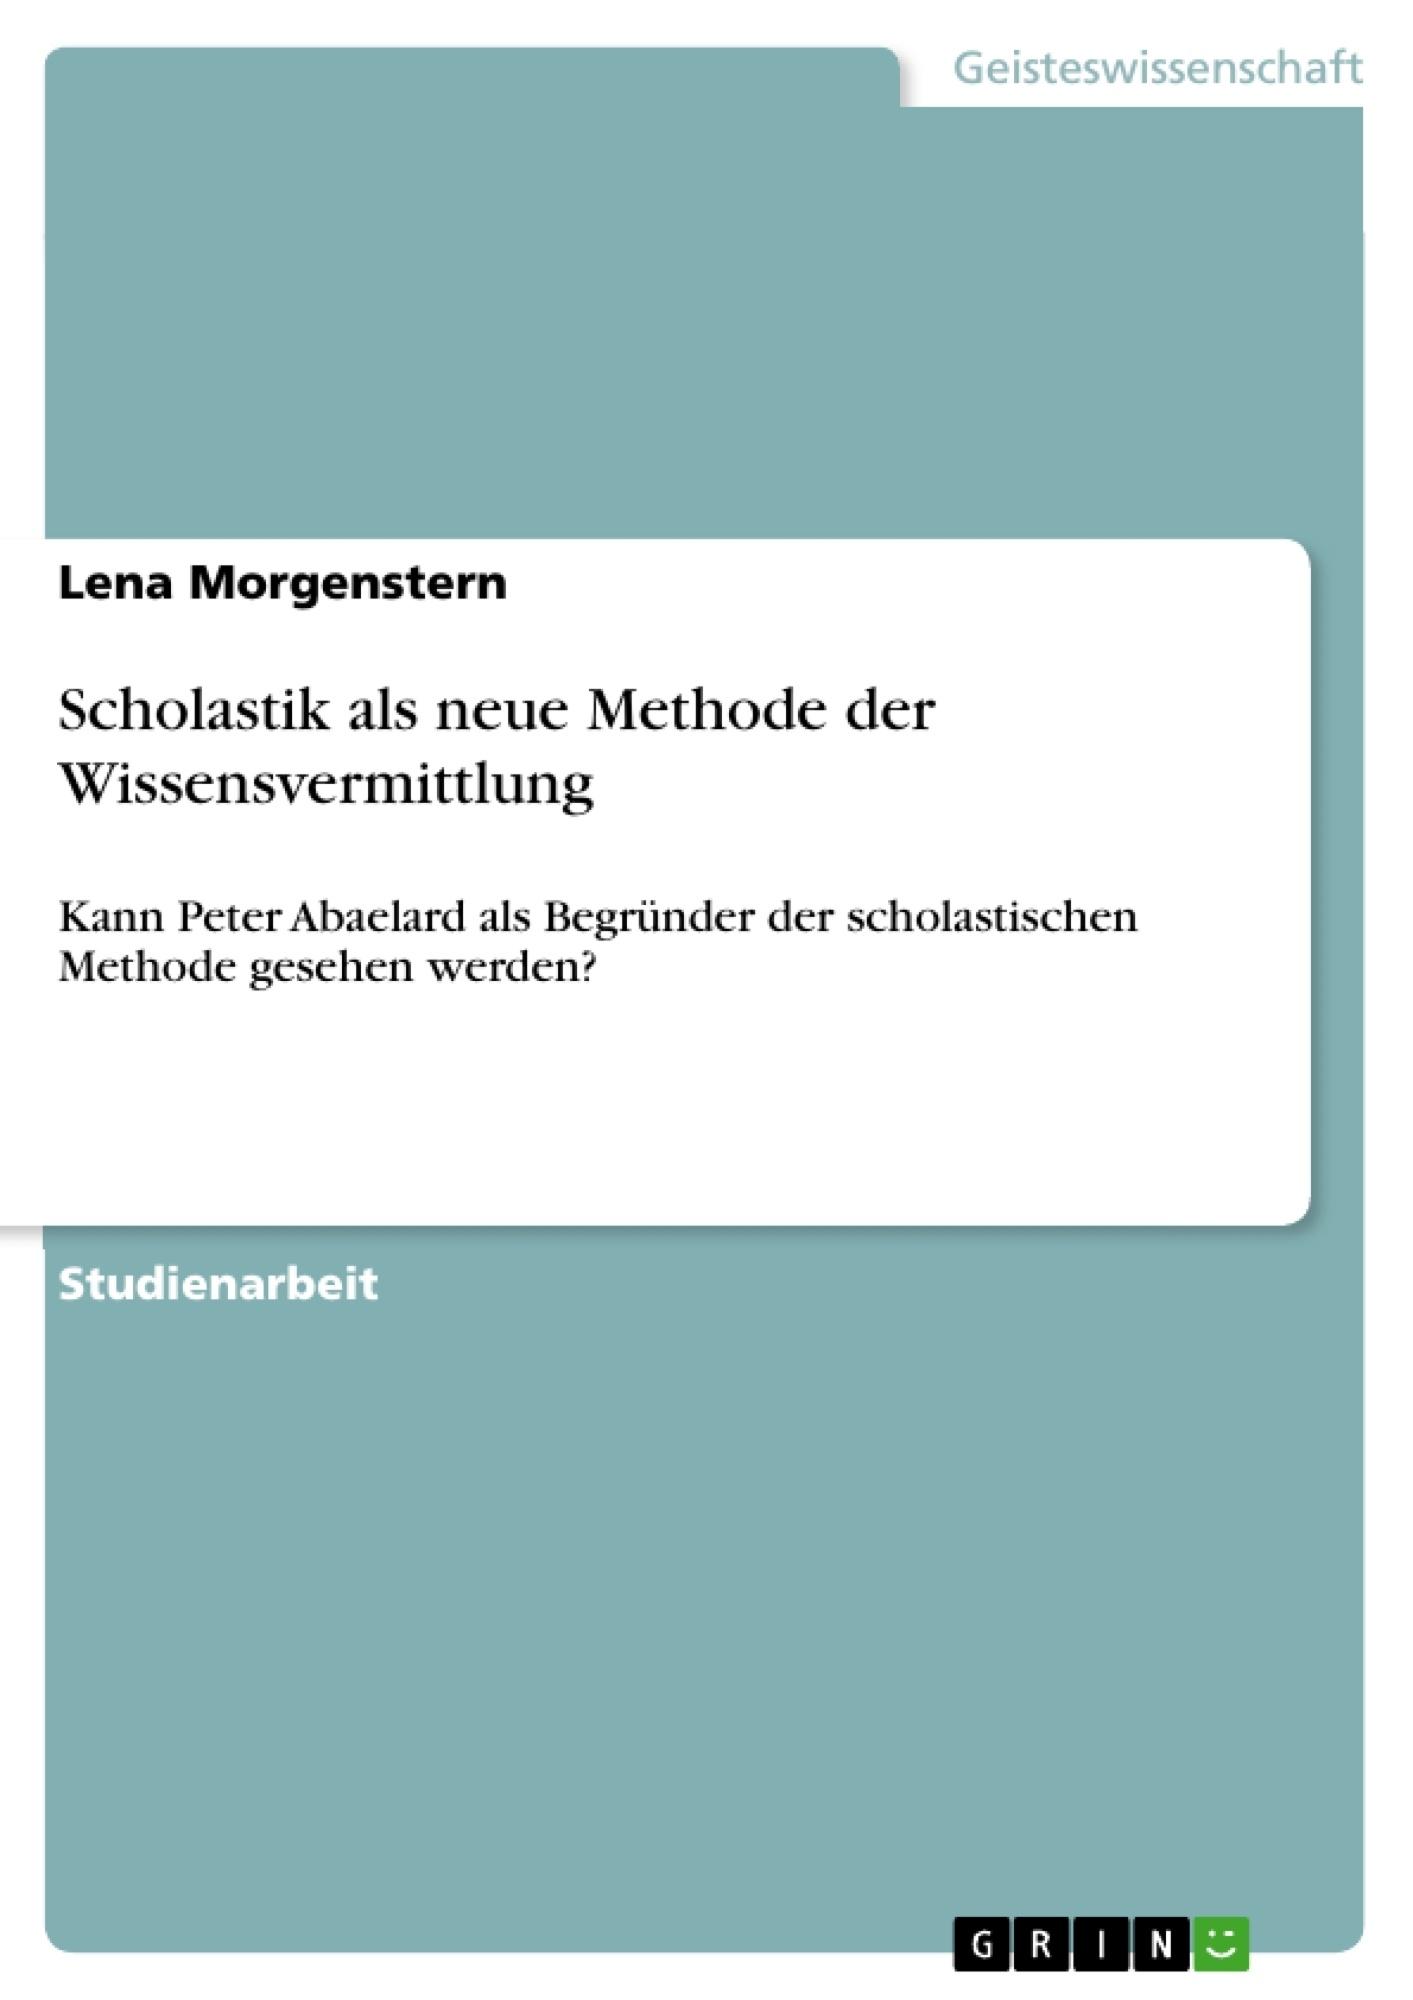 Titel: Scholastik als neue Methode der Wissensvermittlung